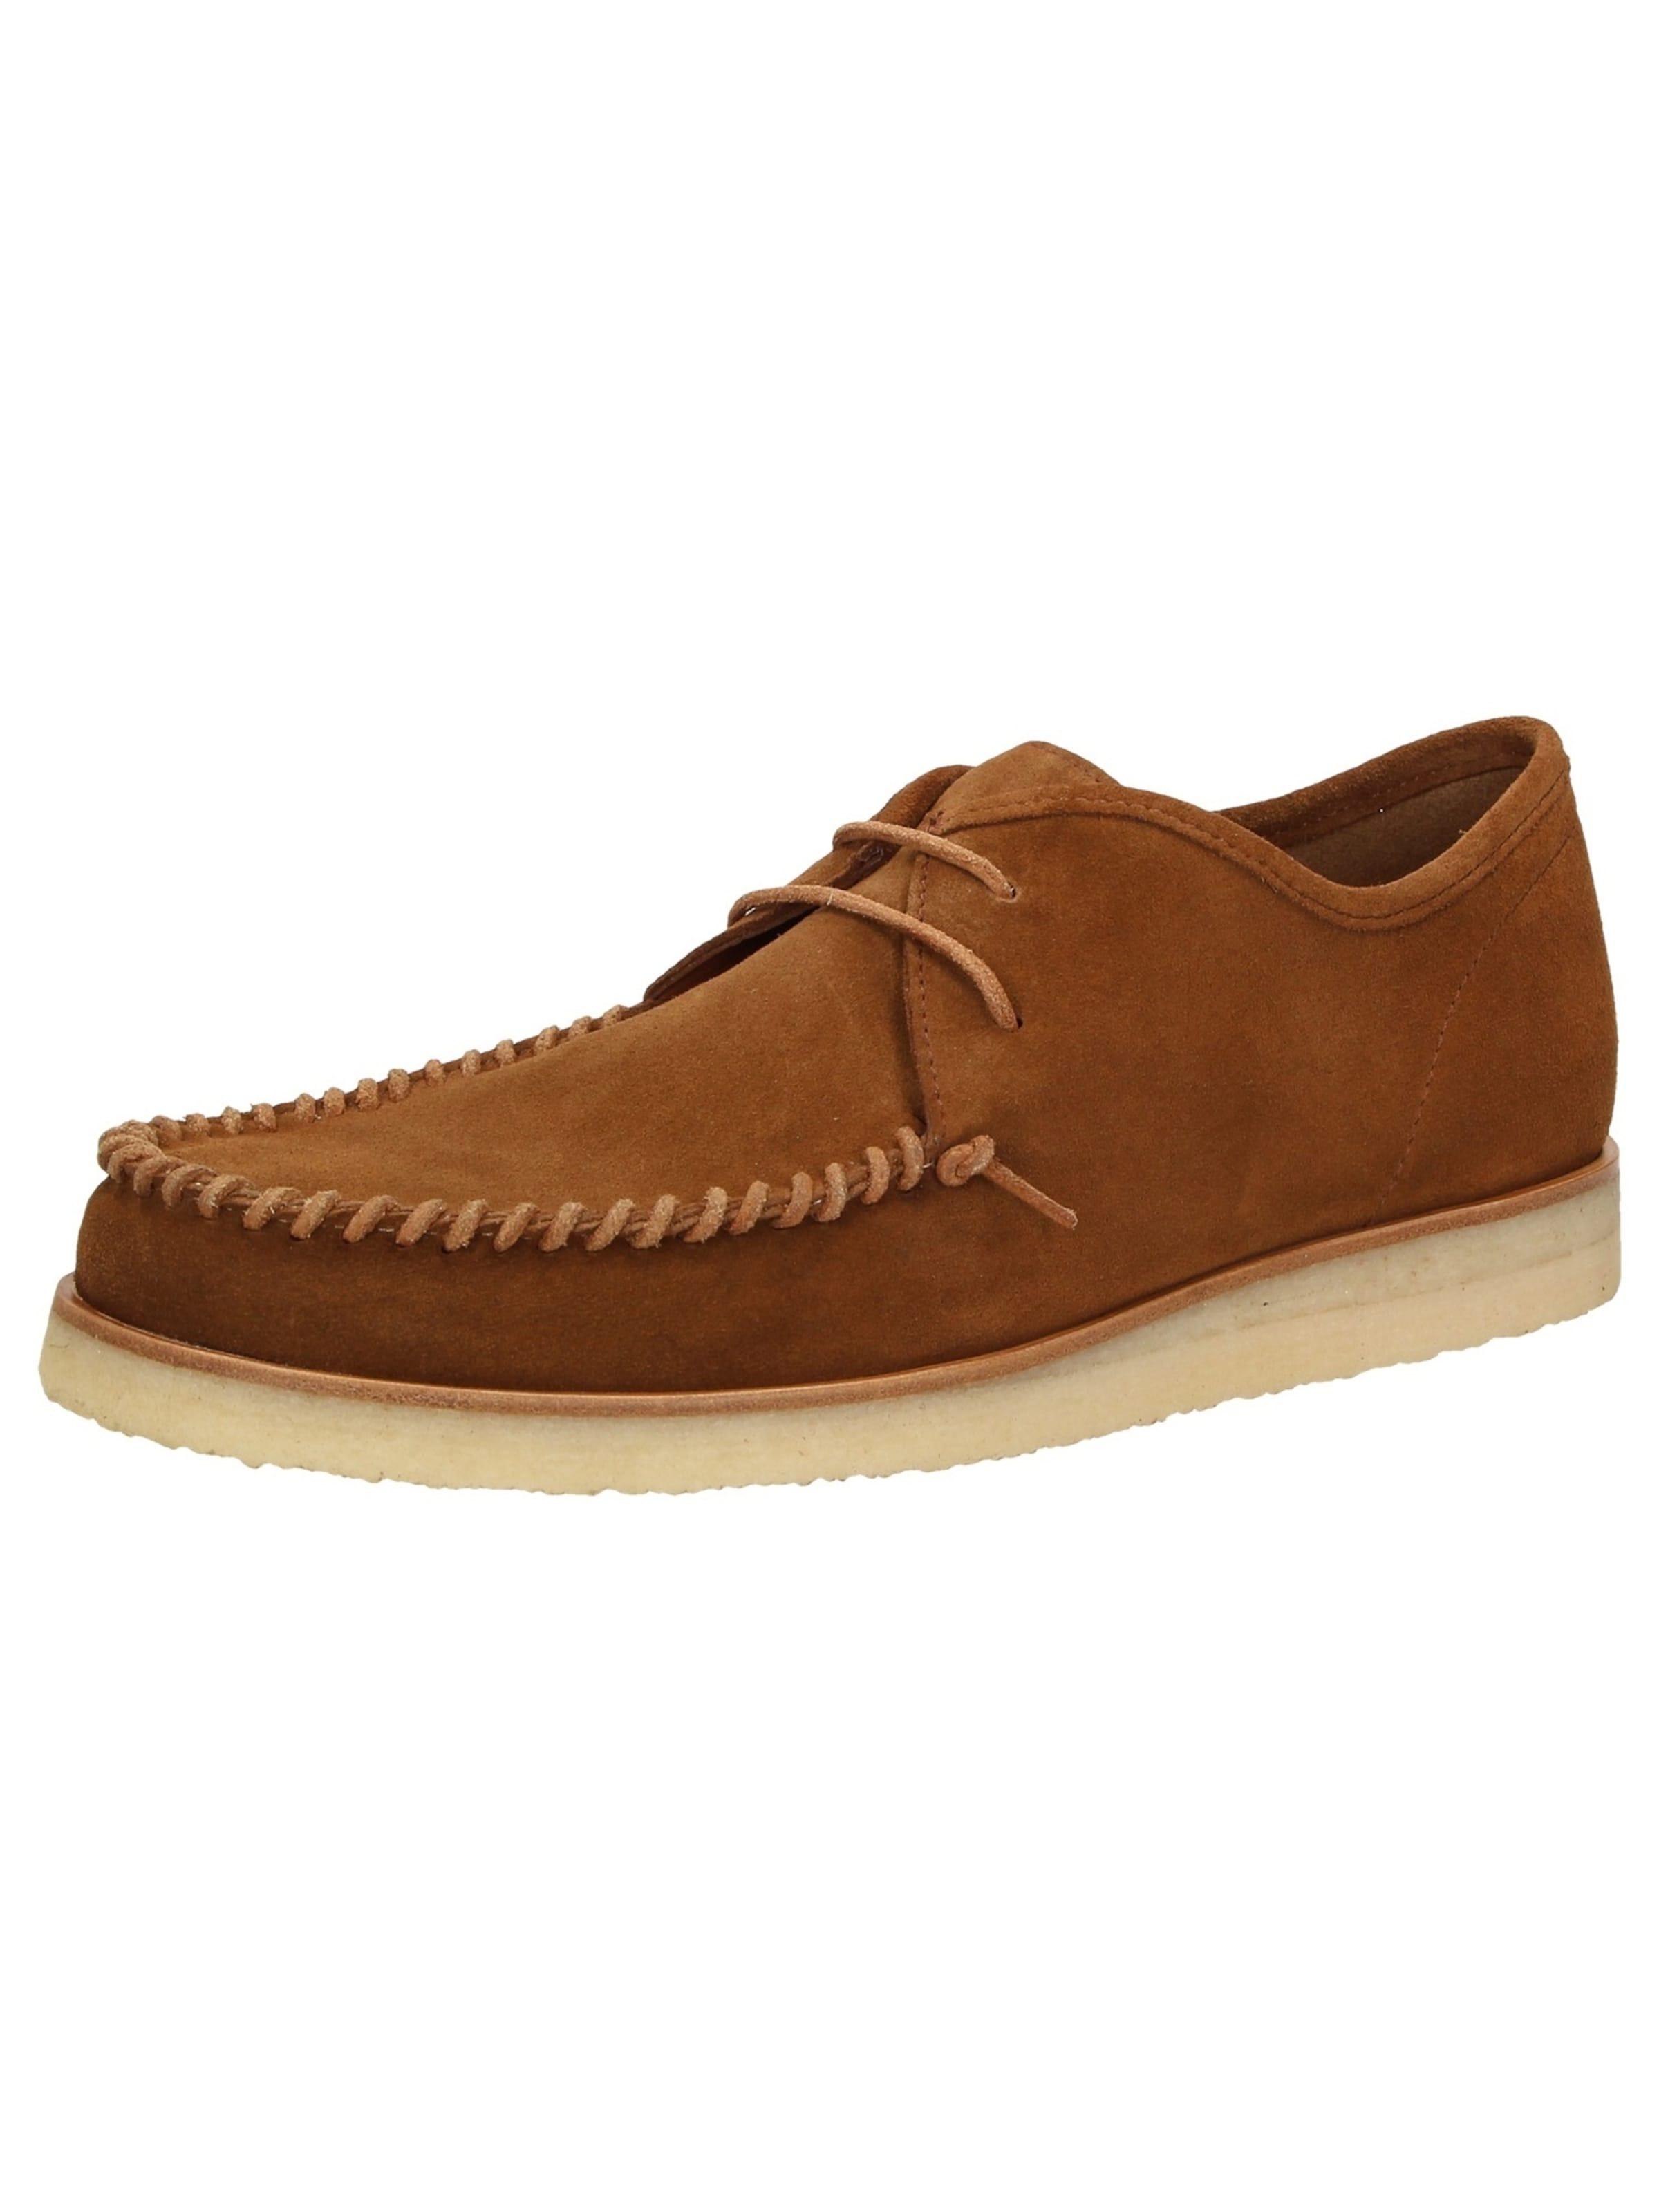 SIOUX Mokassin Apollo-009 Verschleißfeste billige Schuhe